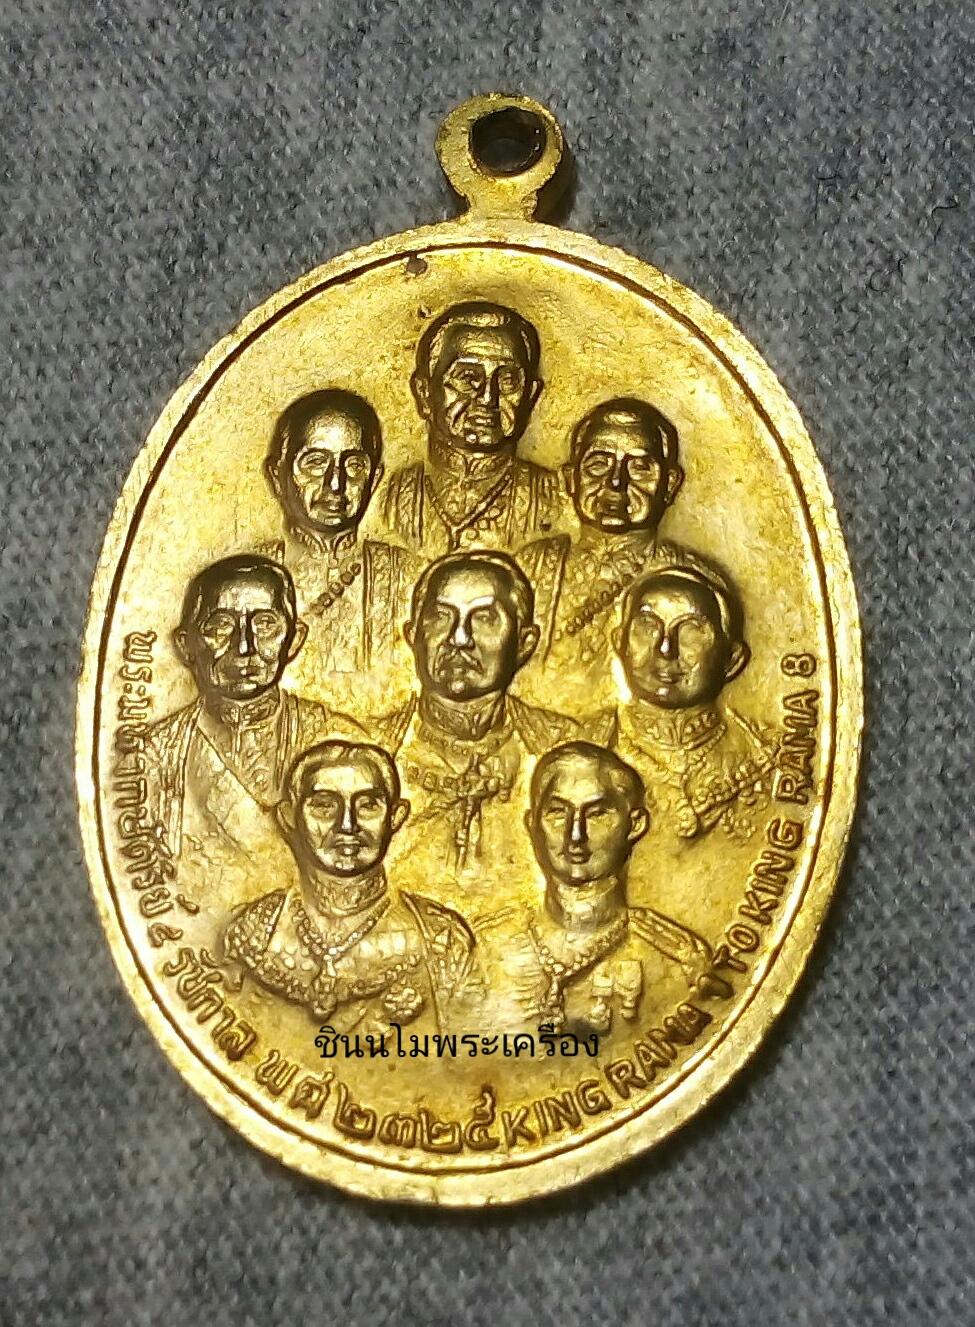 เหรียญ9รัชกาล พศ.2525--2